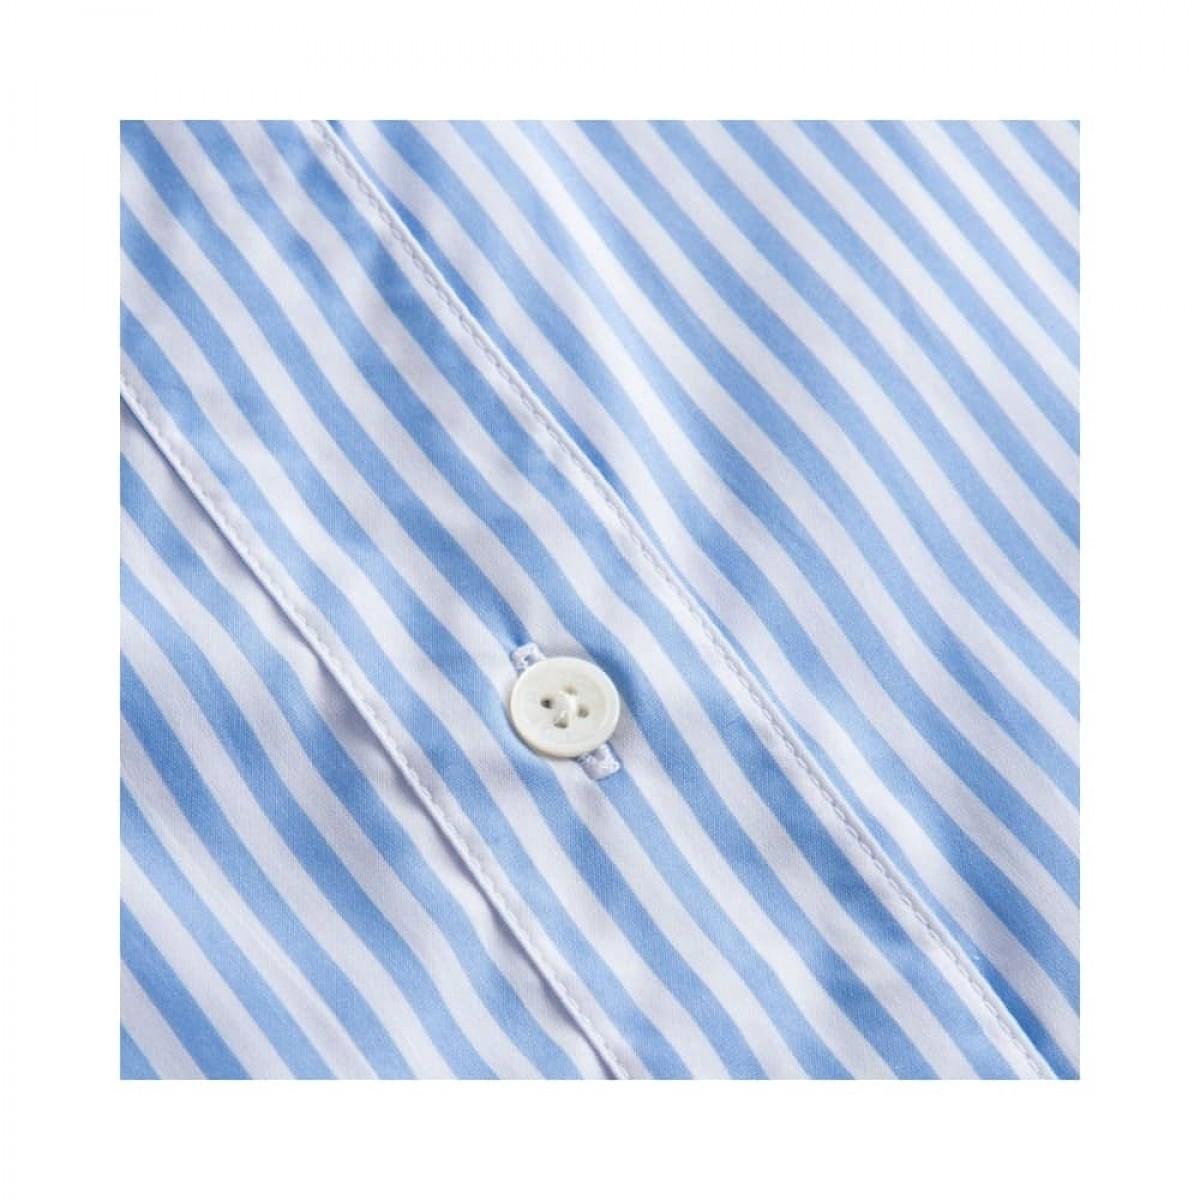 silje kort ærmet skjorte - light blue/white stripe - knap detalje